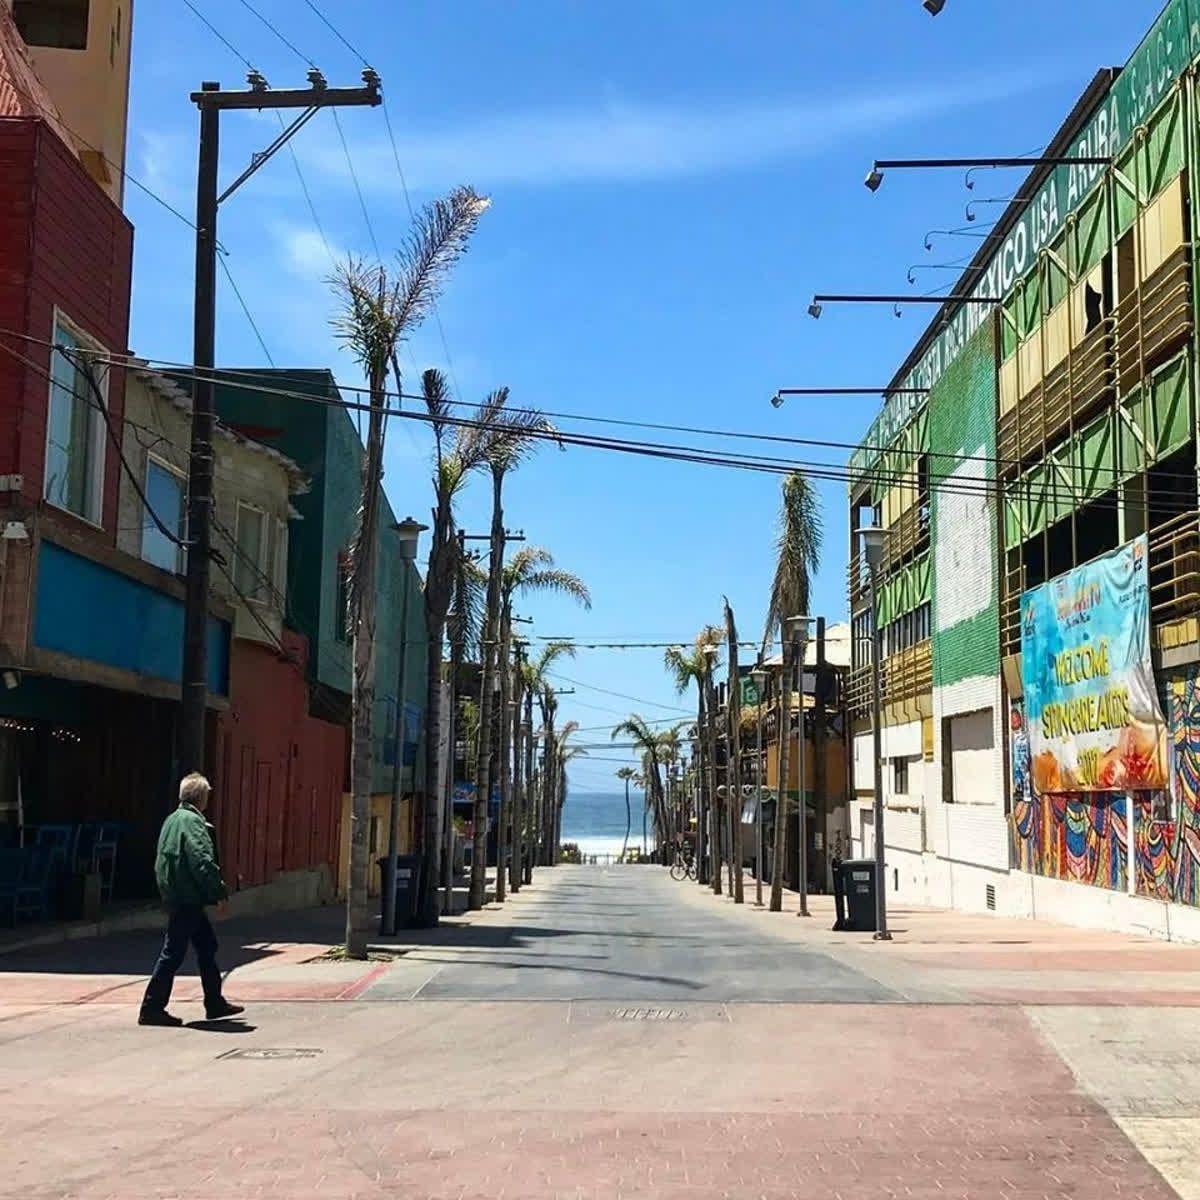 ソReconoces esta famosa calle inicia tu aventura en Aventura por joaomsalvador